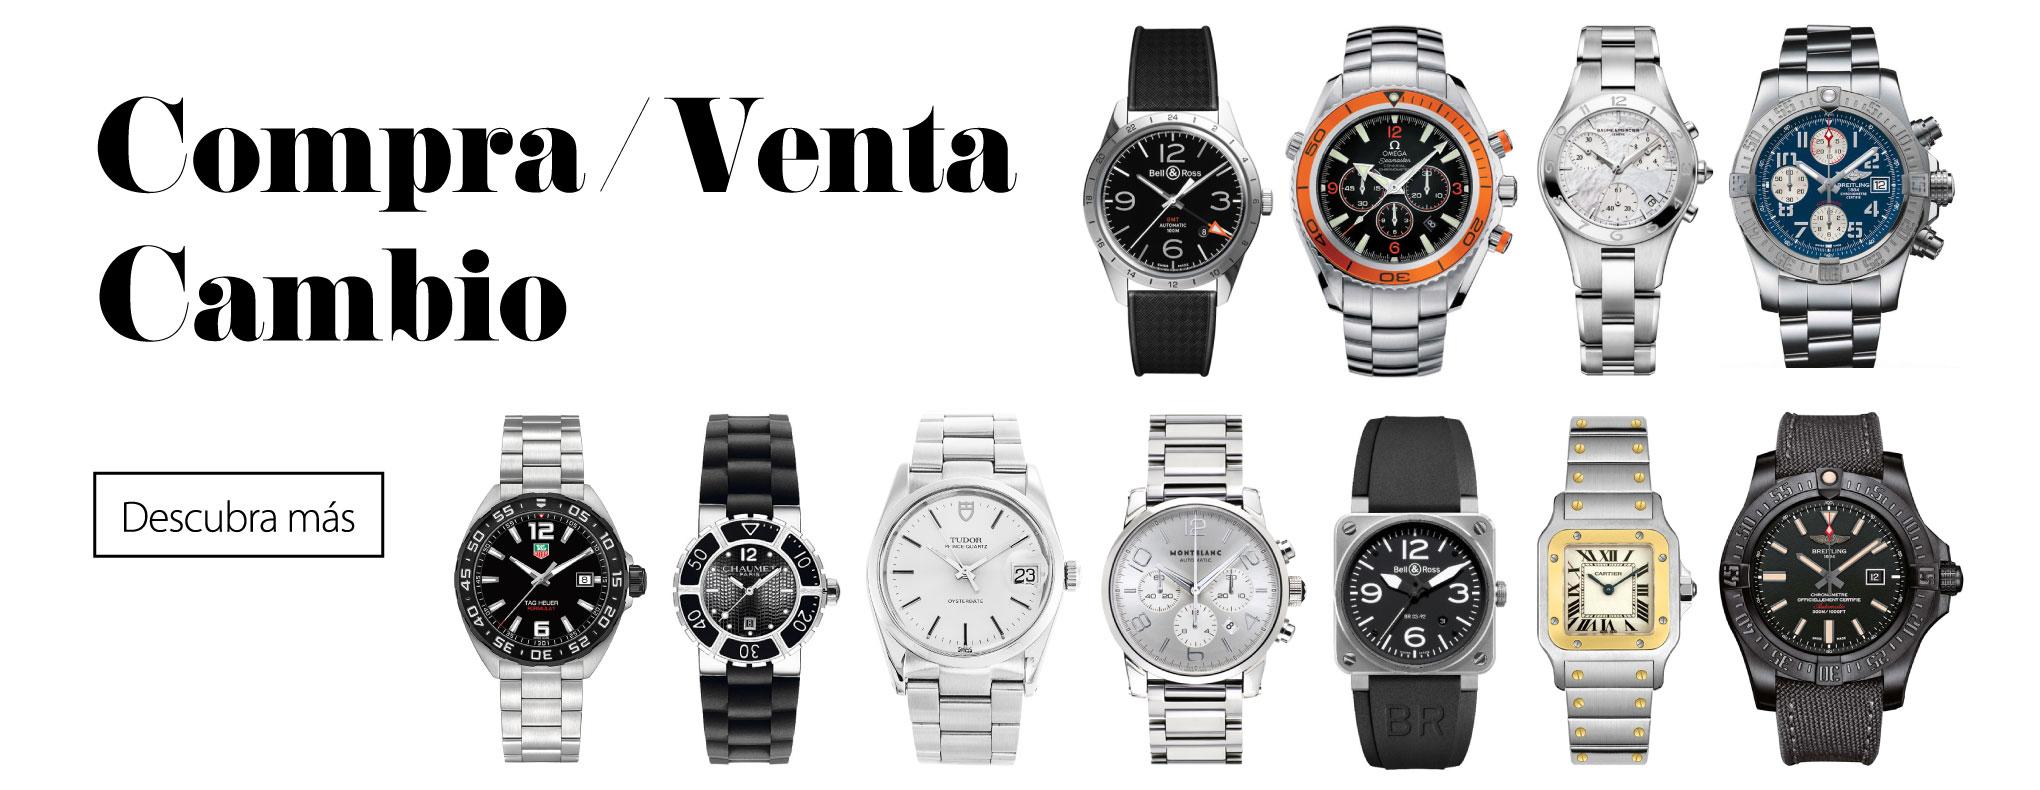 01159e284d55 Nosotros tenemos un respeto hacia el mundo de los relojes que nos exige no  vender ninguna pieza que nosotros mismos no compraríamos.